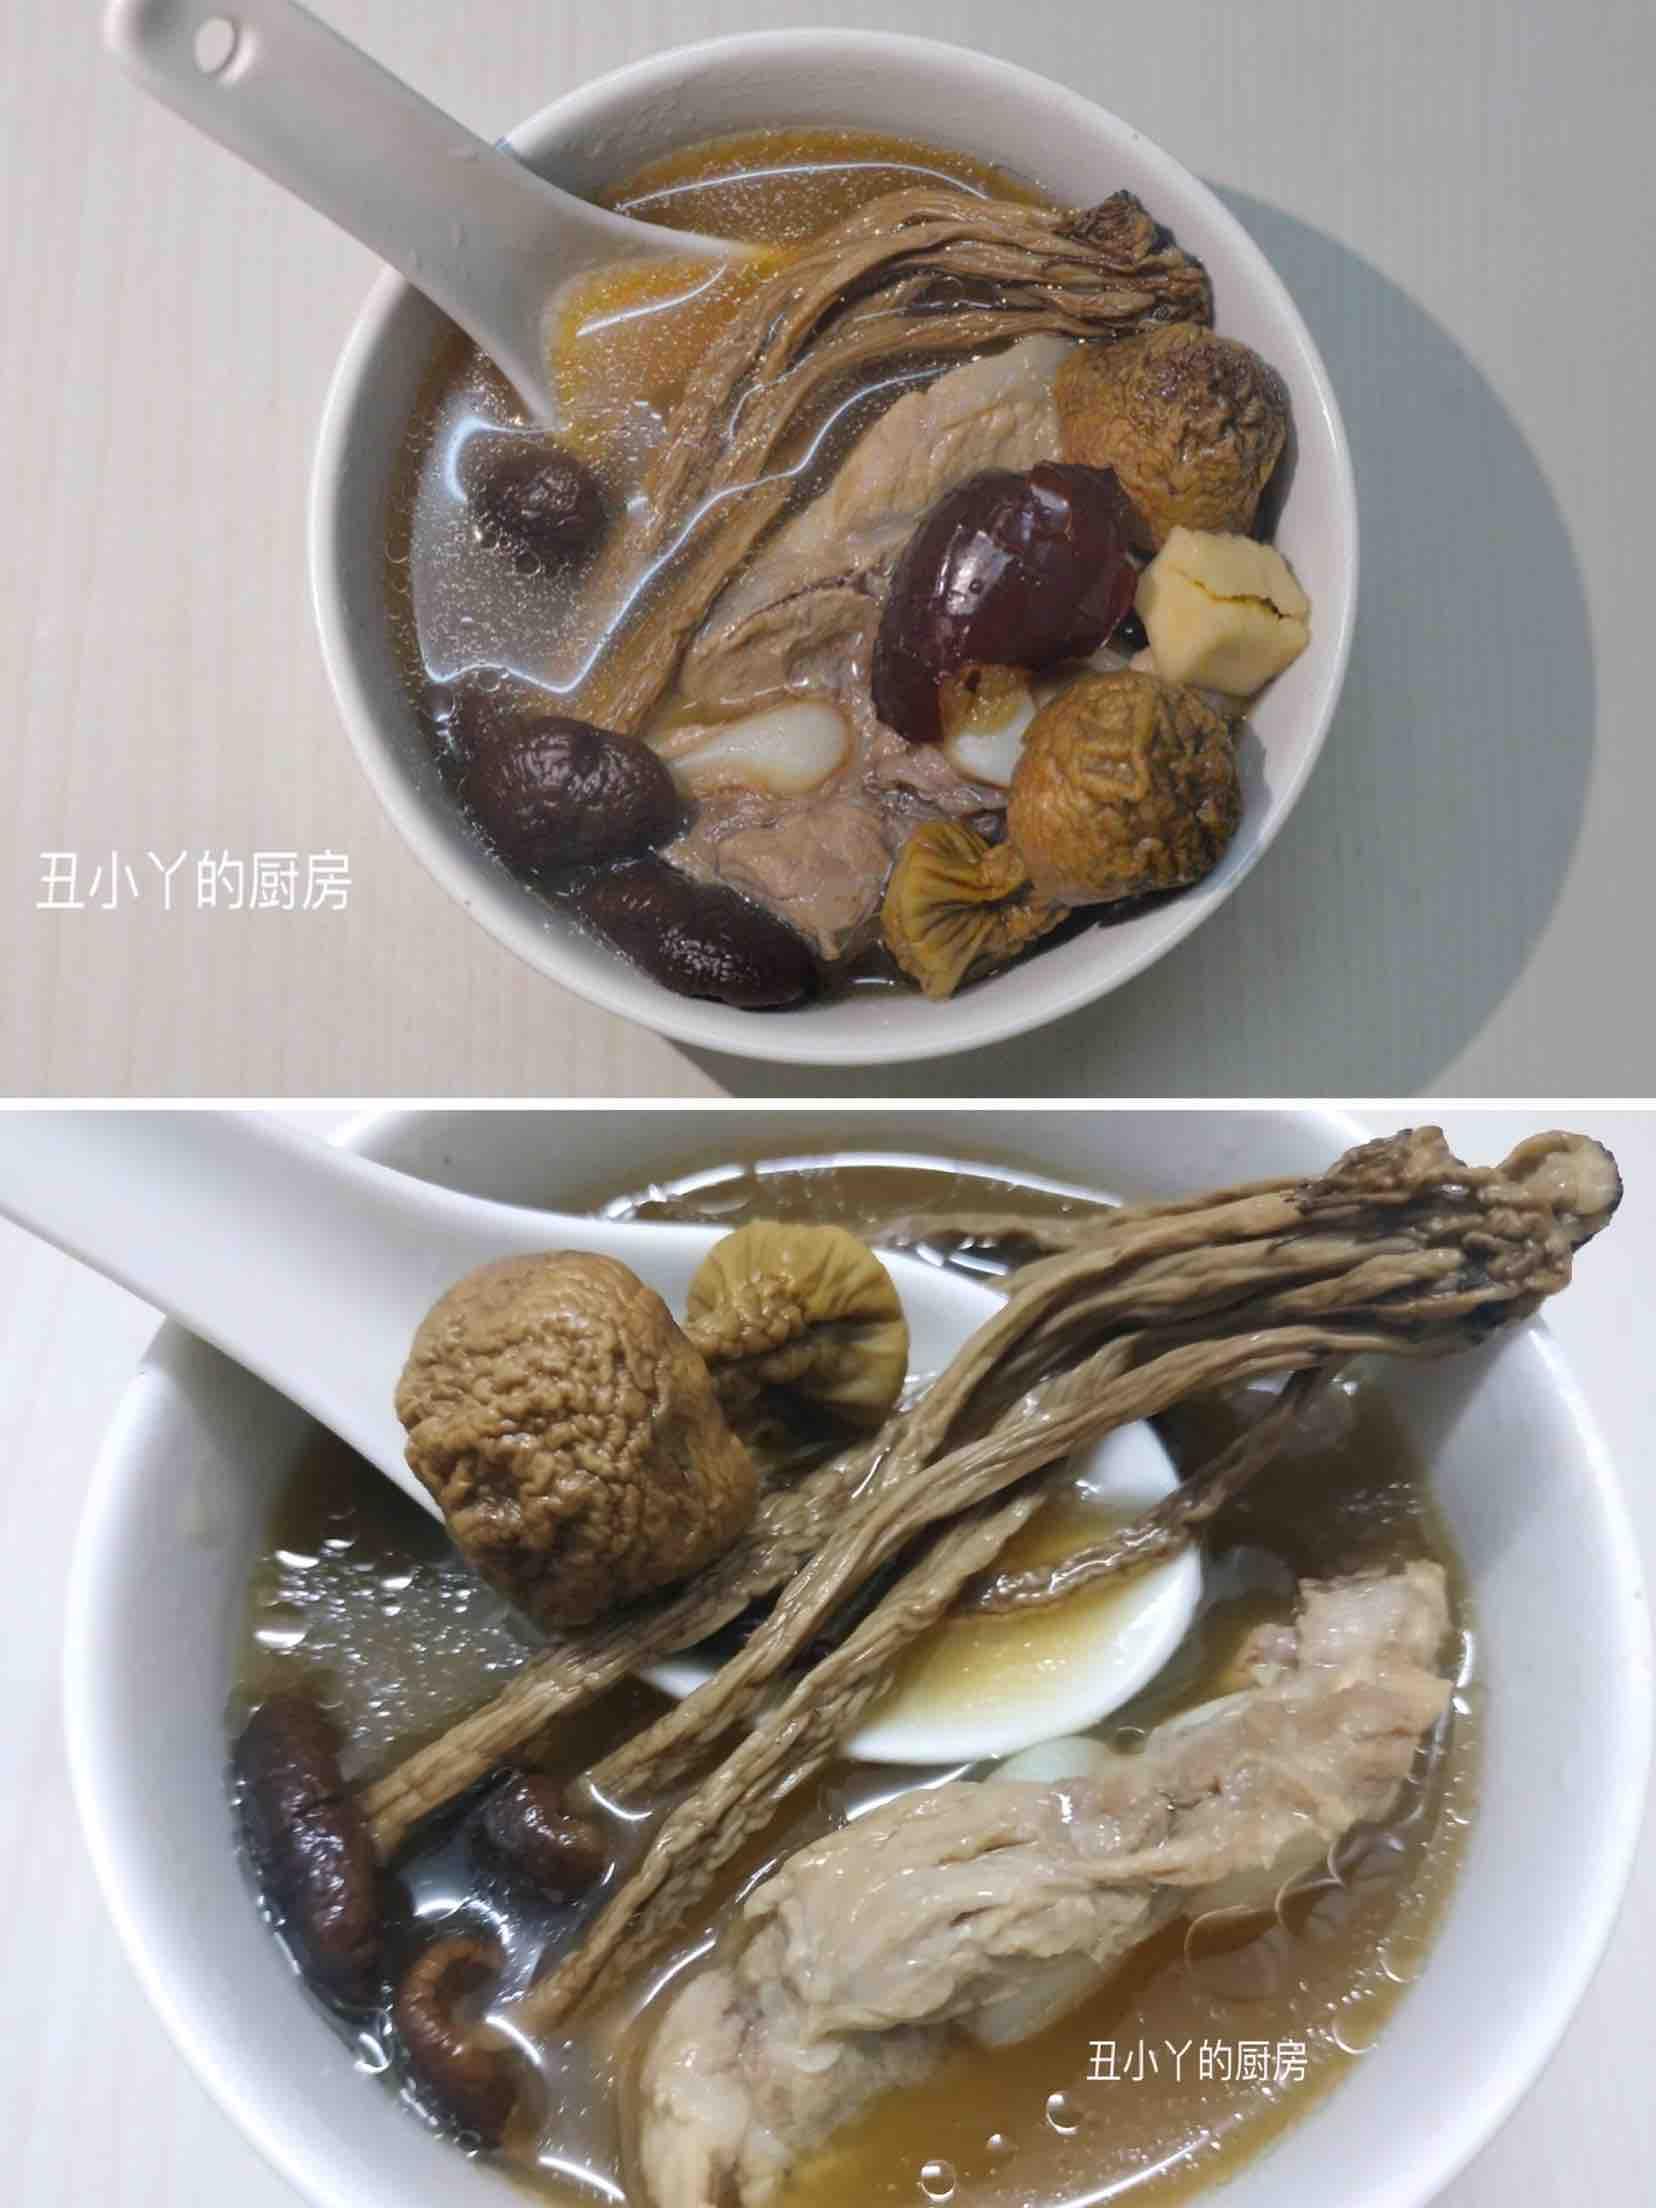 姬松茸+茶树菇+排骨汤